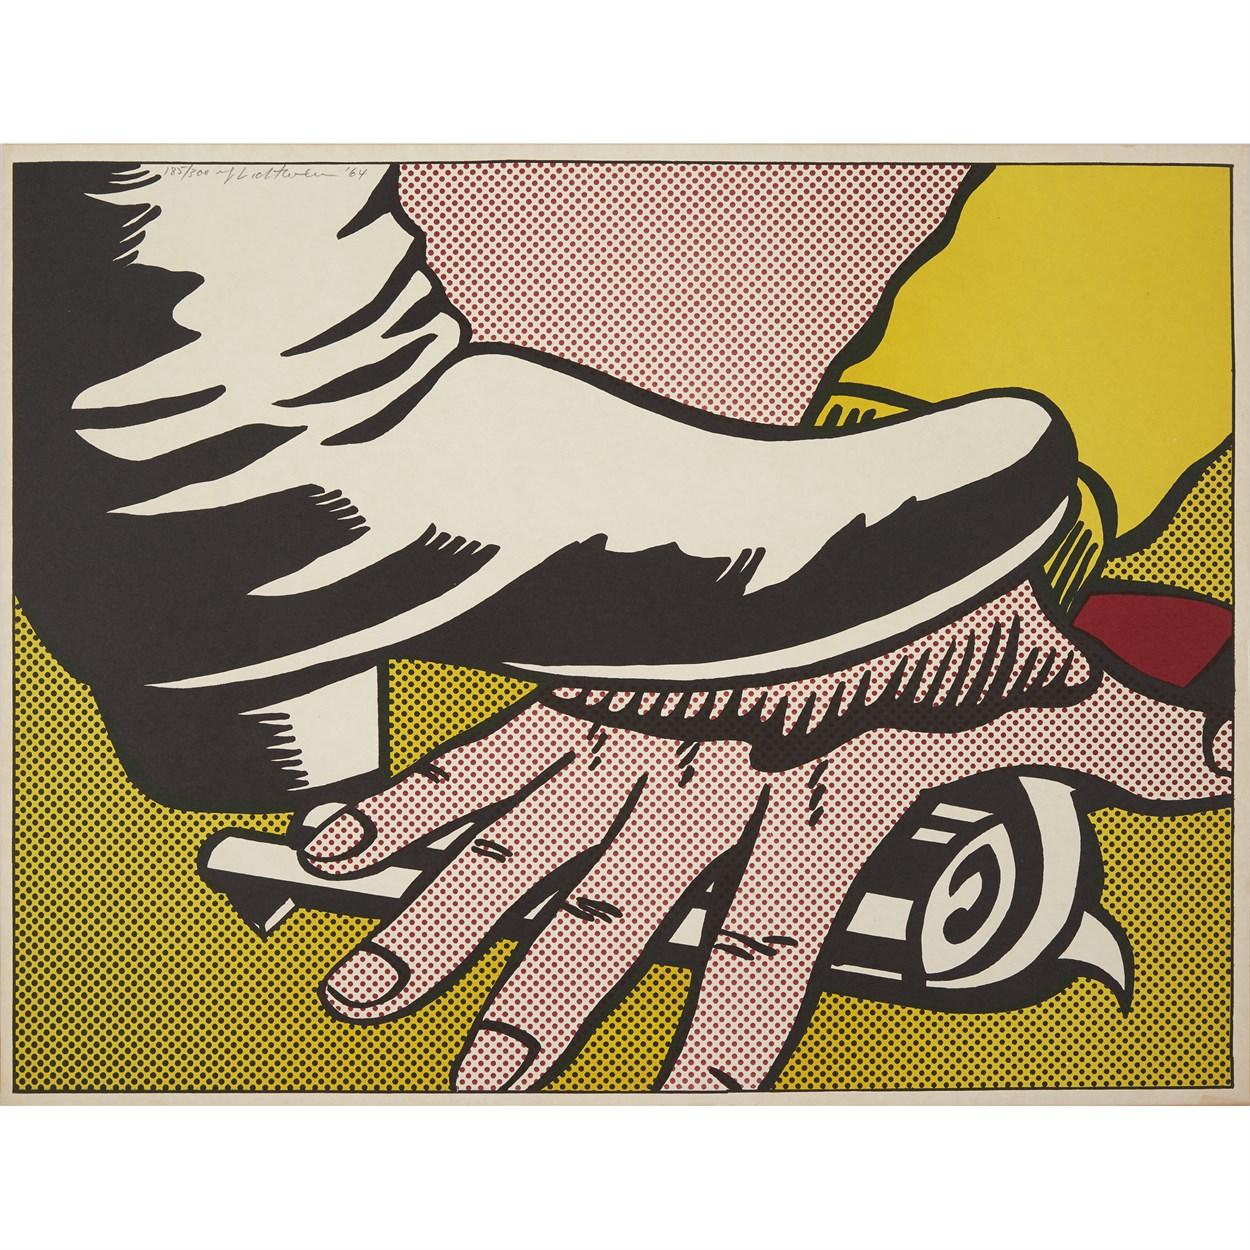 Lot 3 - Roy Lichtenstein (American, 1923-1997)